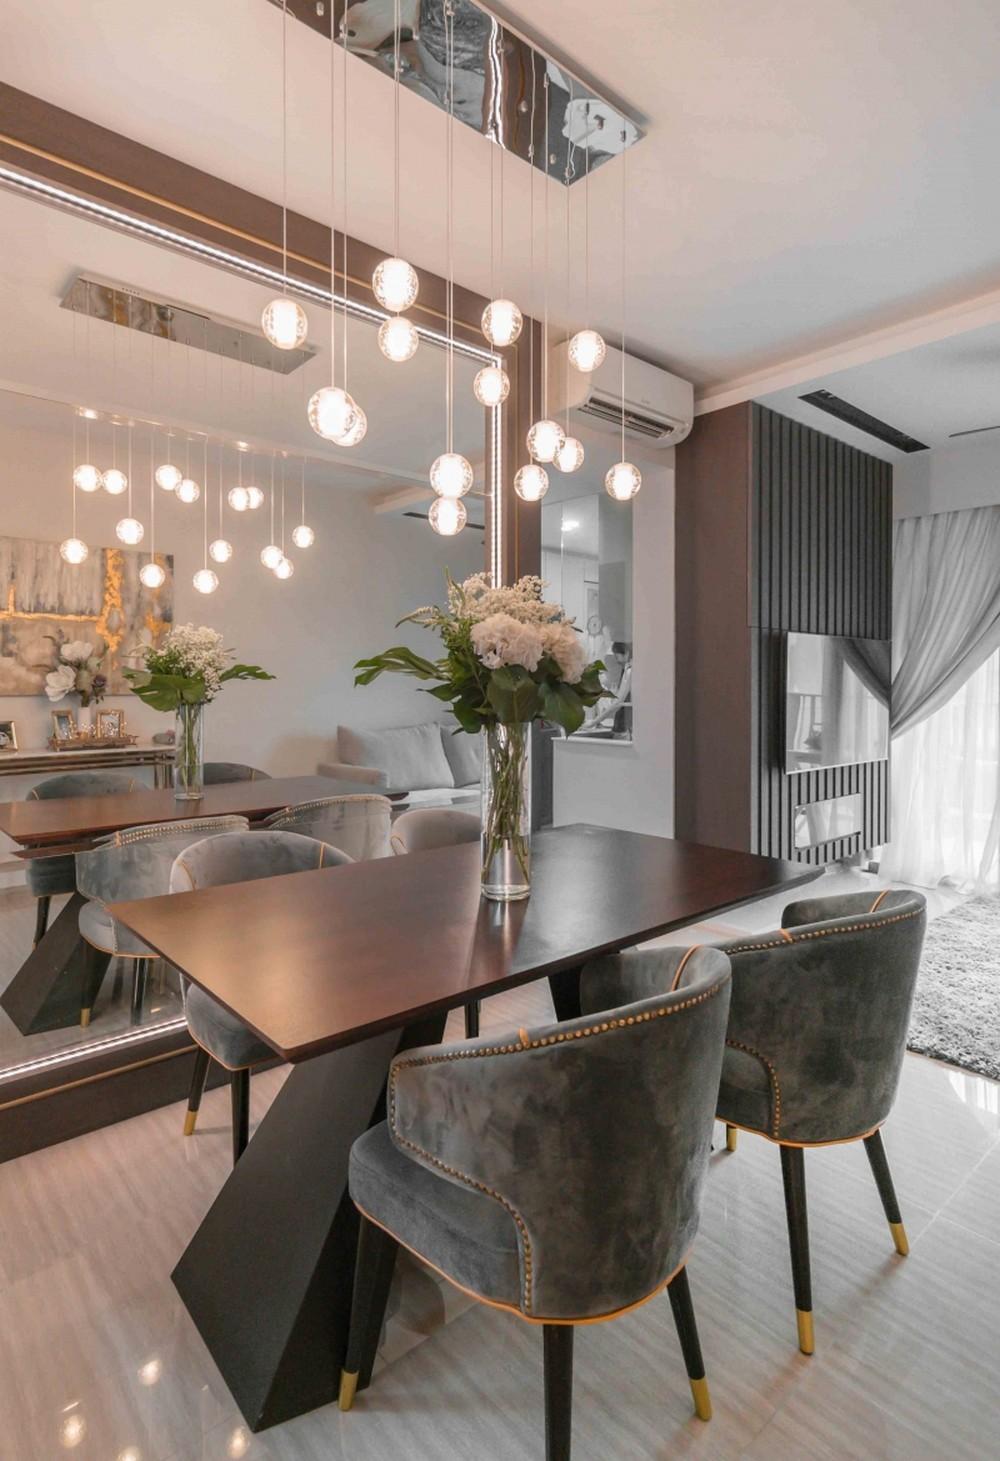 Top 25 Interior Designers in Singapore 6 interior designers Top 25 Interior Designers in Singapore Top 25 Interior Designers in Singapore 6